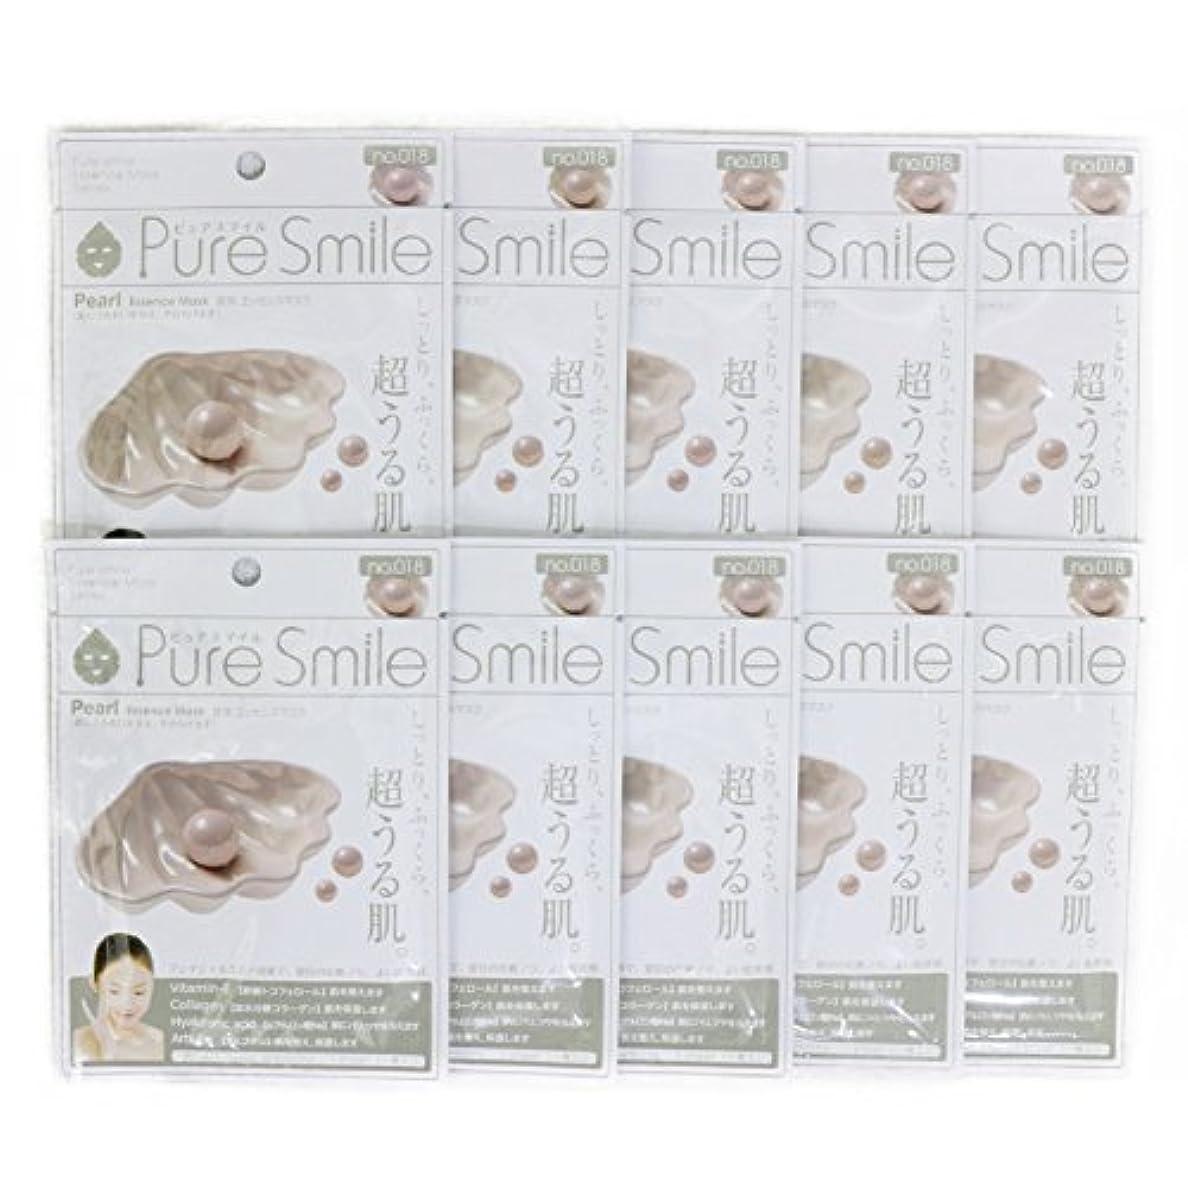 受け入れリール影響力のあるPure Smile ピュアスマイル エッセンスマスク 真珠 10枚セット